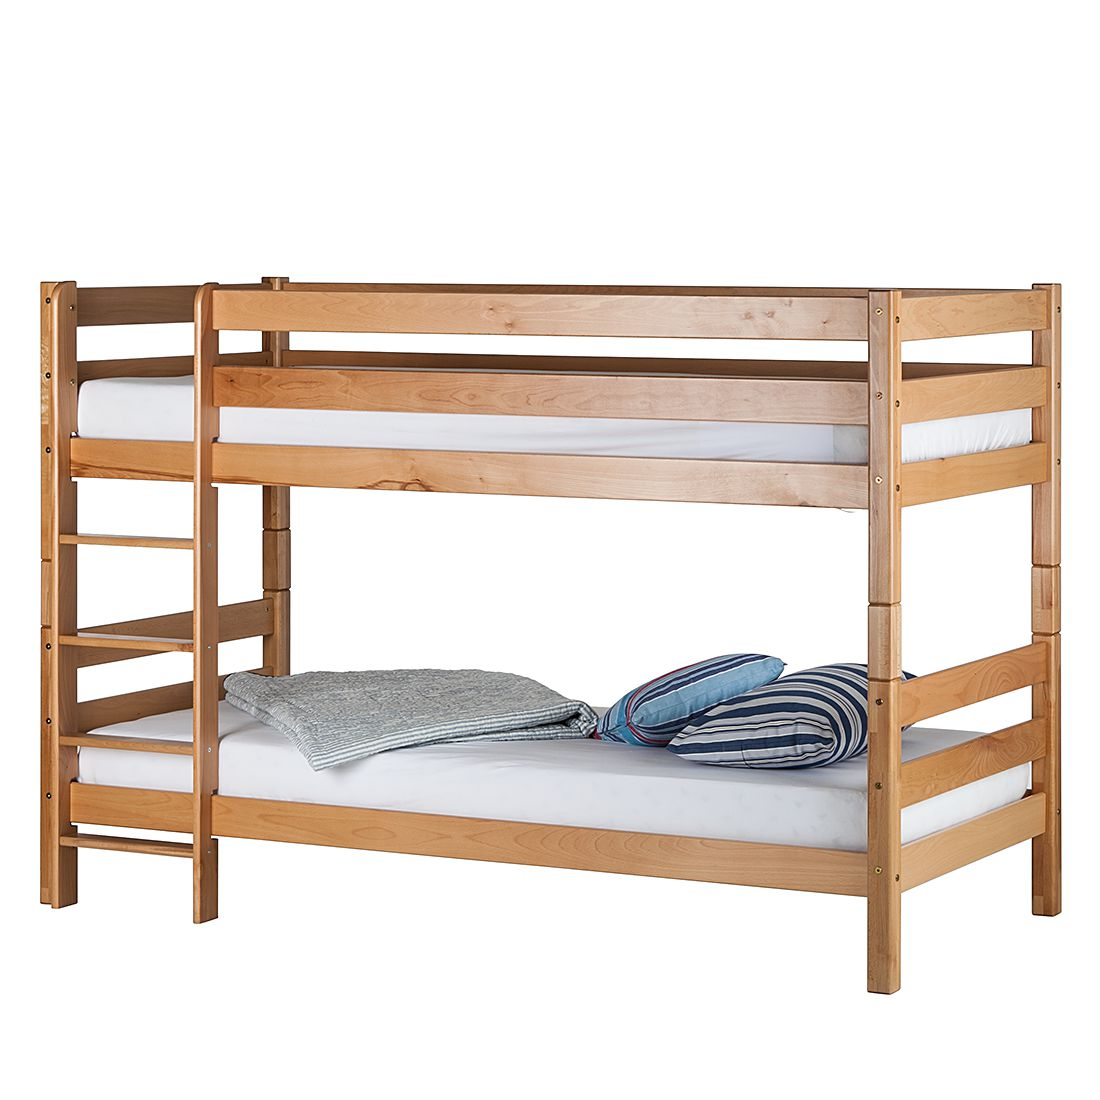 Befara letto a castello legno olimpo bb prezzi e offerte sottocosto - Befara letto a castello ...